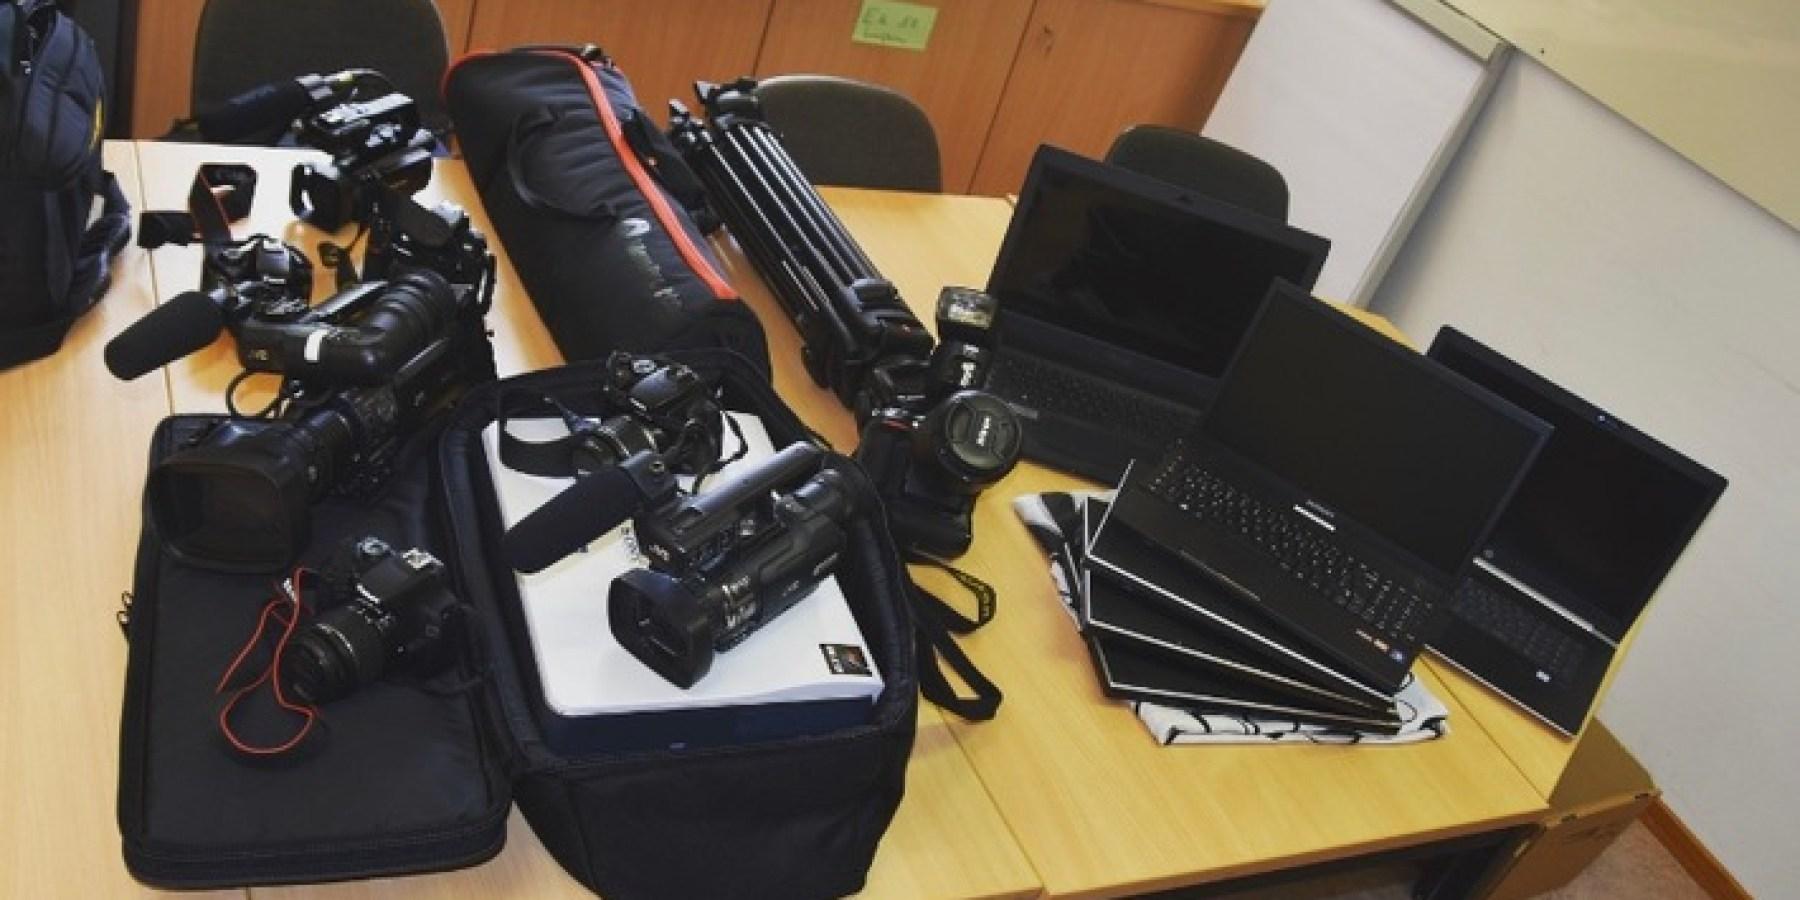 Drei Einbrecher entwenden Beute im Wert von 20.000 Euro